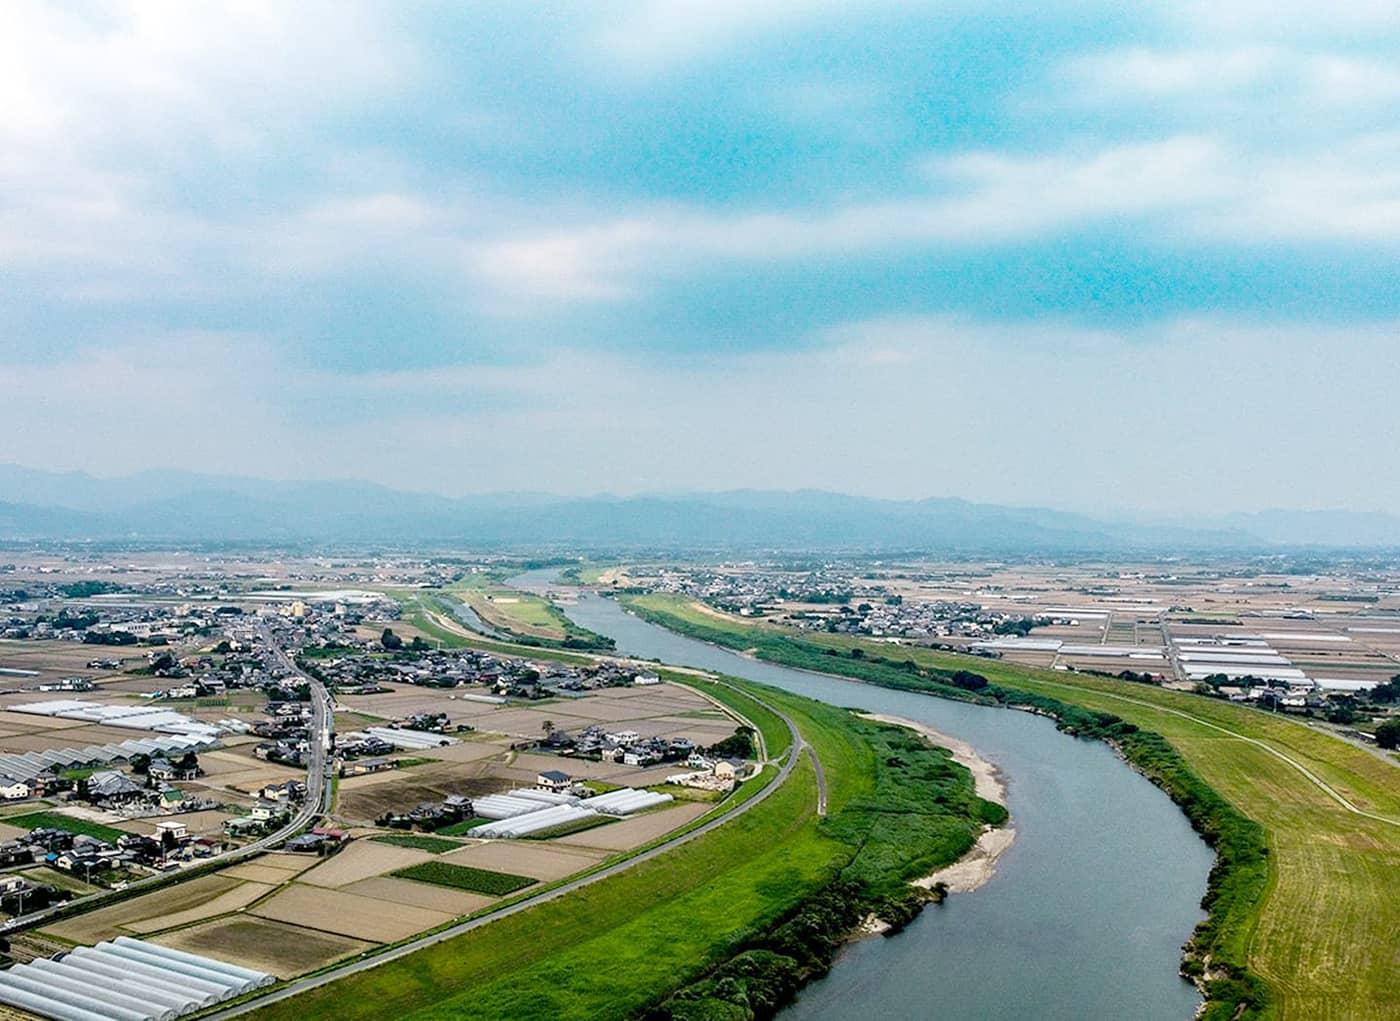 千歳川、一夜川、繁栄と氾濫をもたらす暴れ川